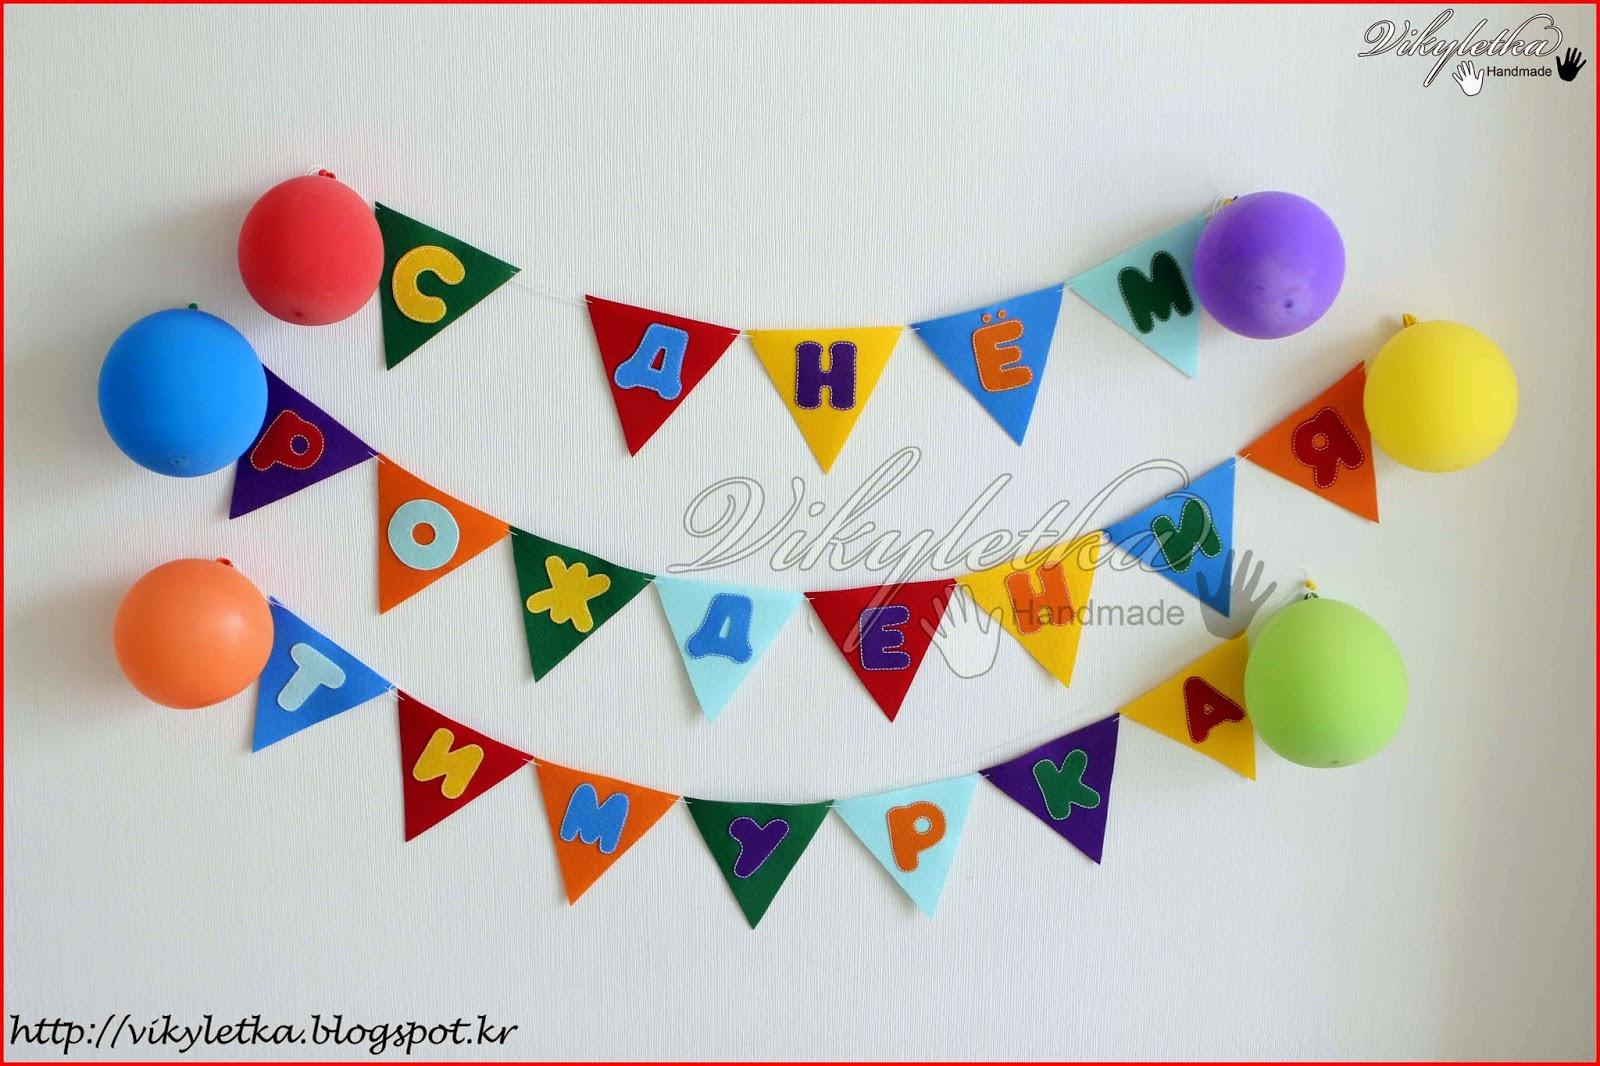 Аксессуары для дня рождения своими руками